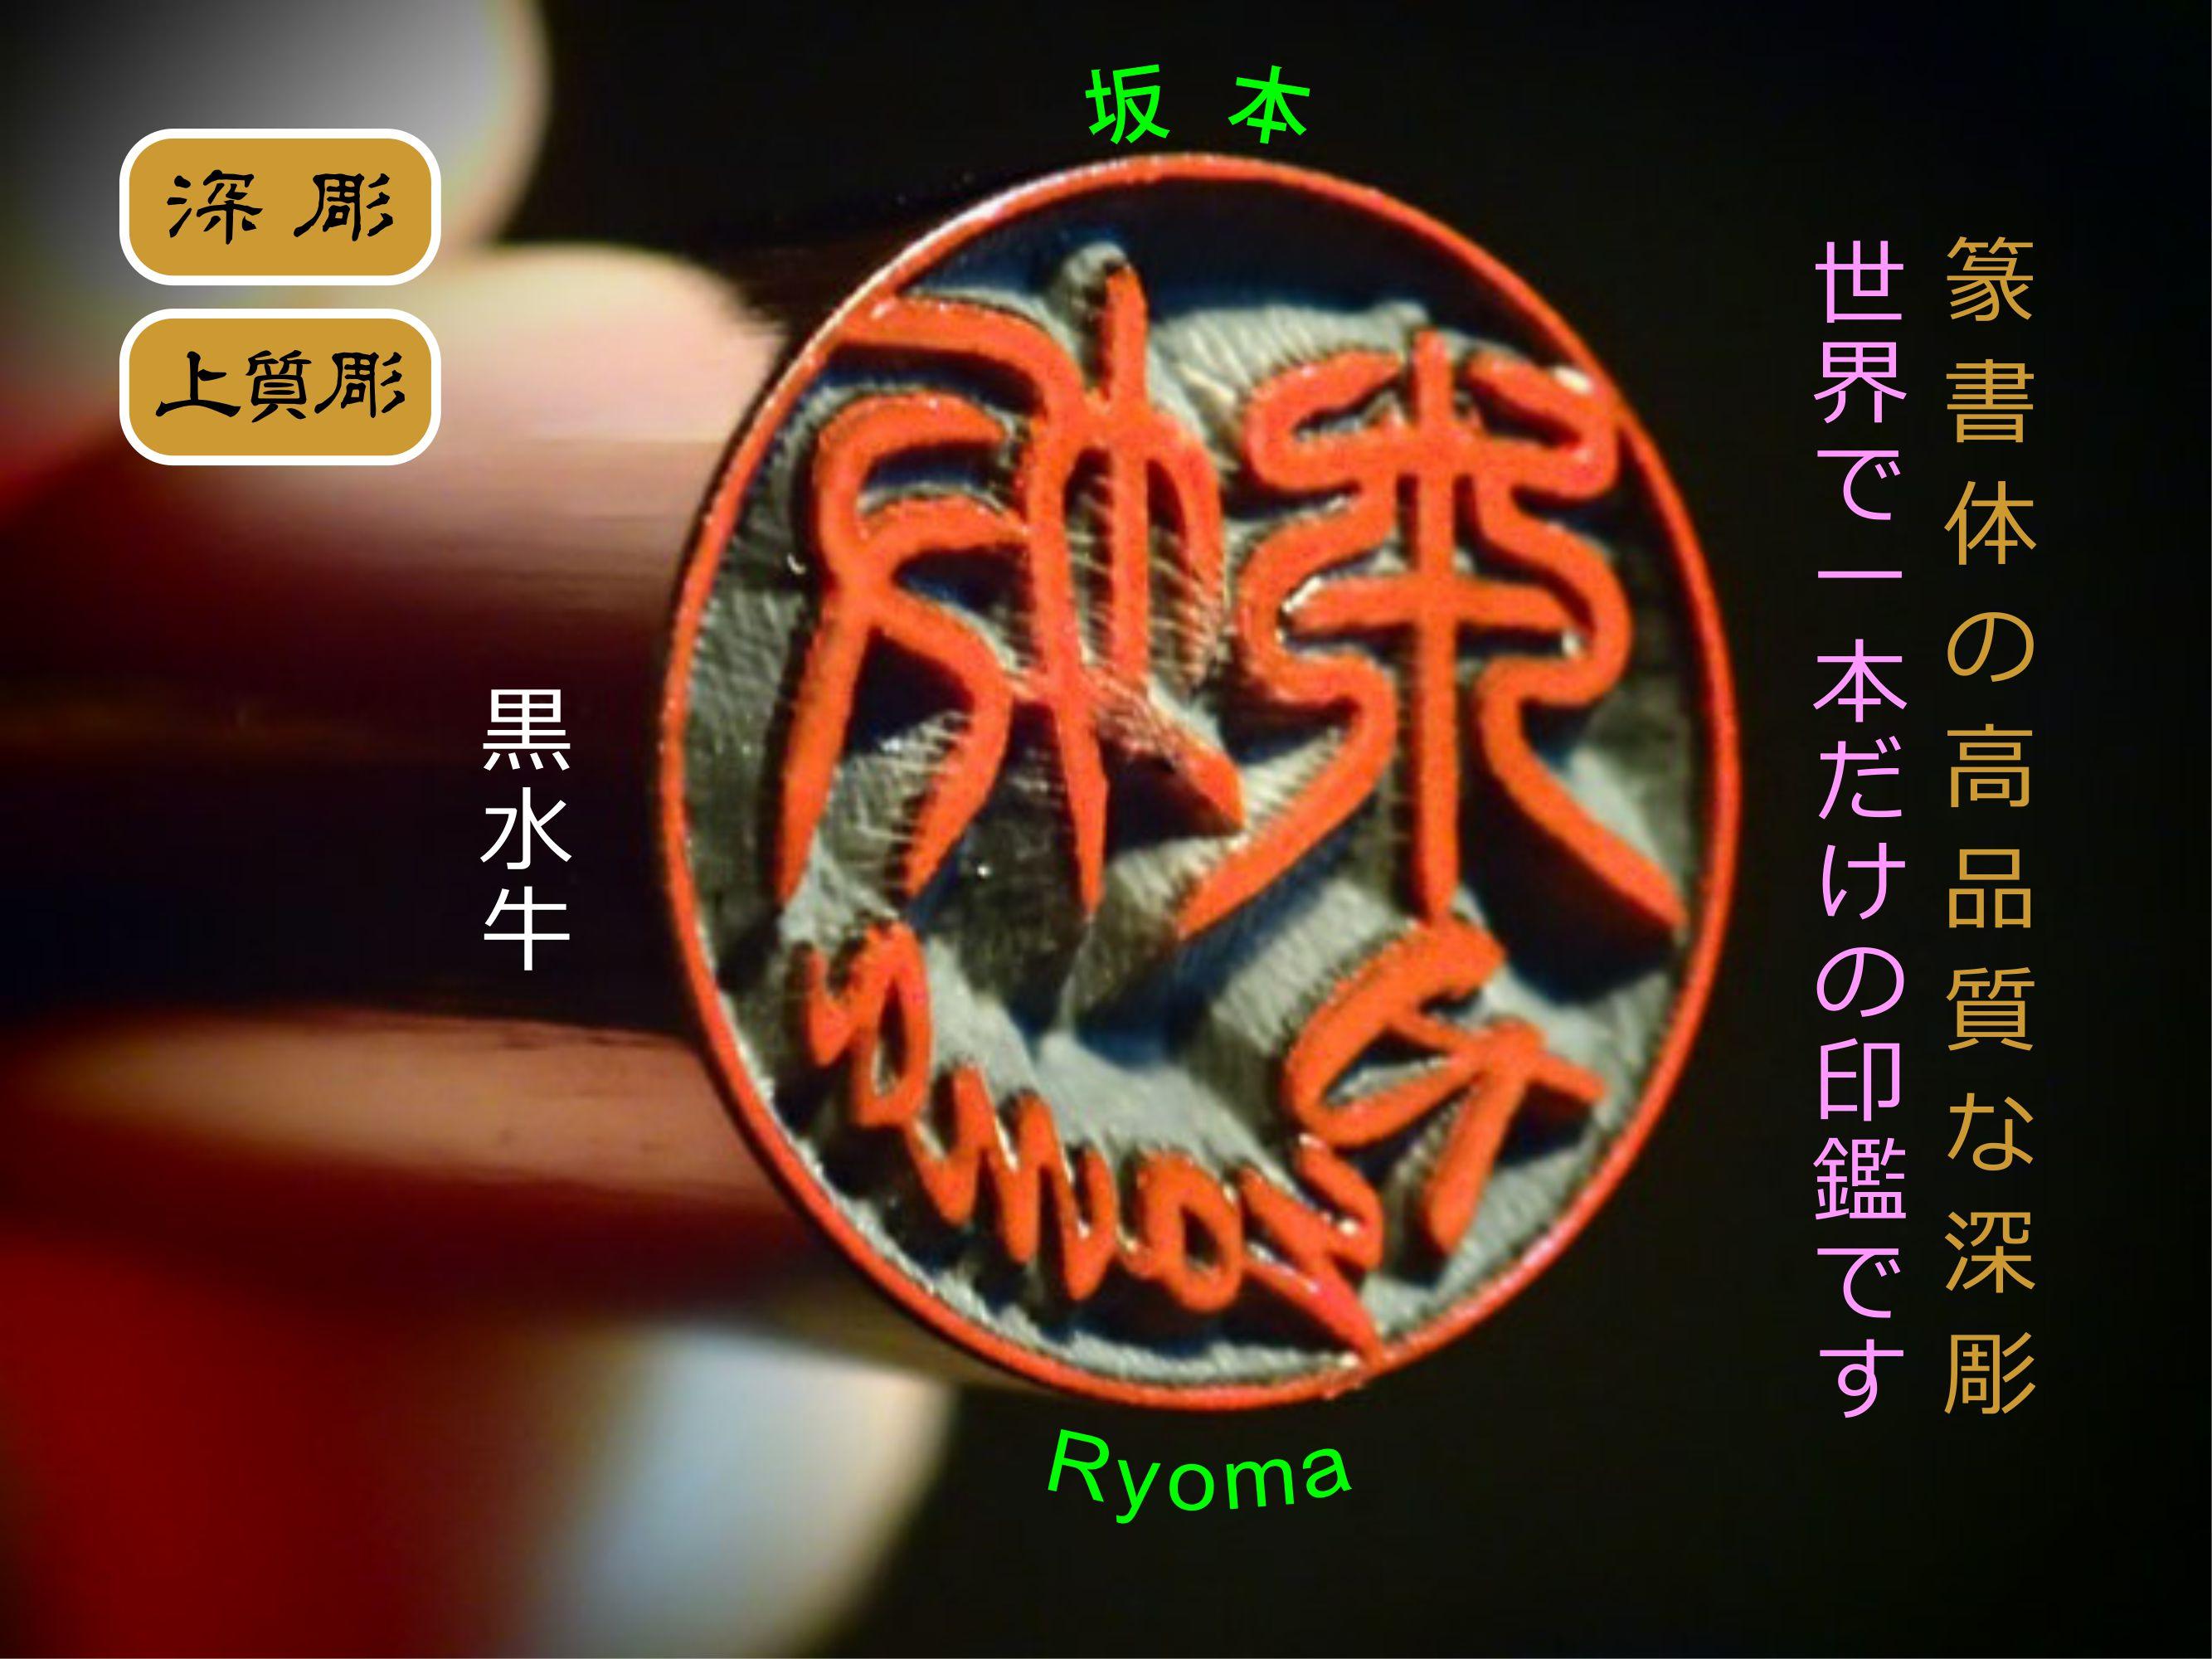 坂本 Ryoma 上質深彫.1